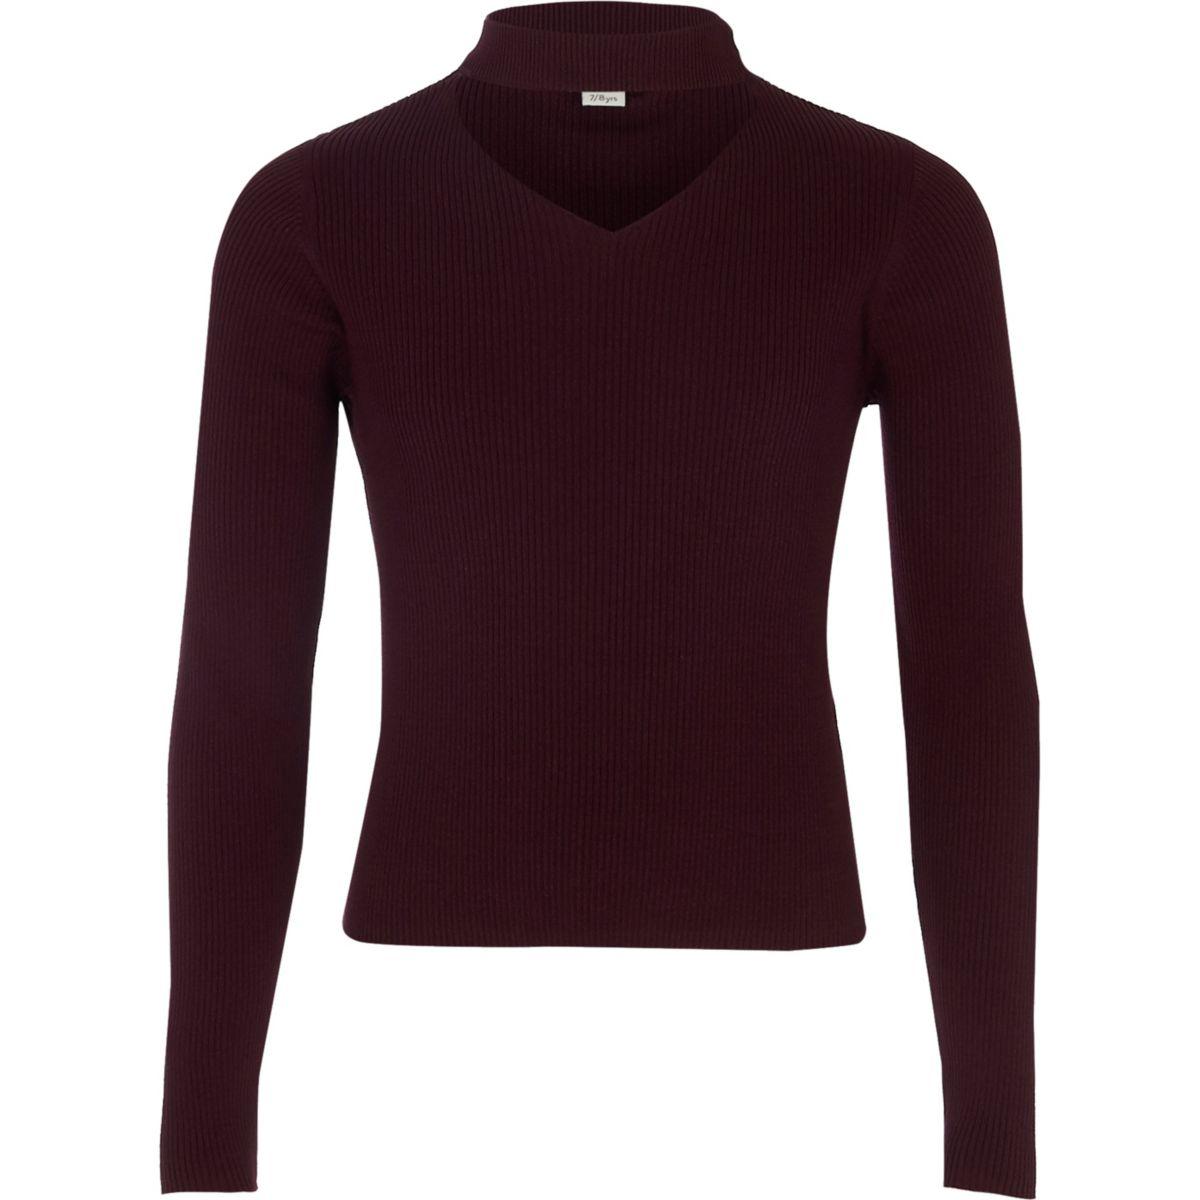 Girls dark red ribbed choker sweater